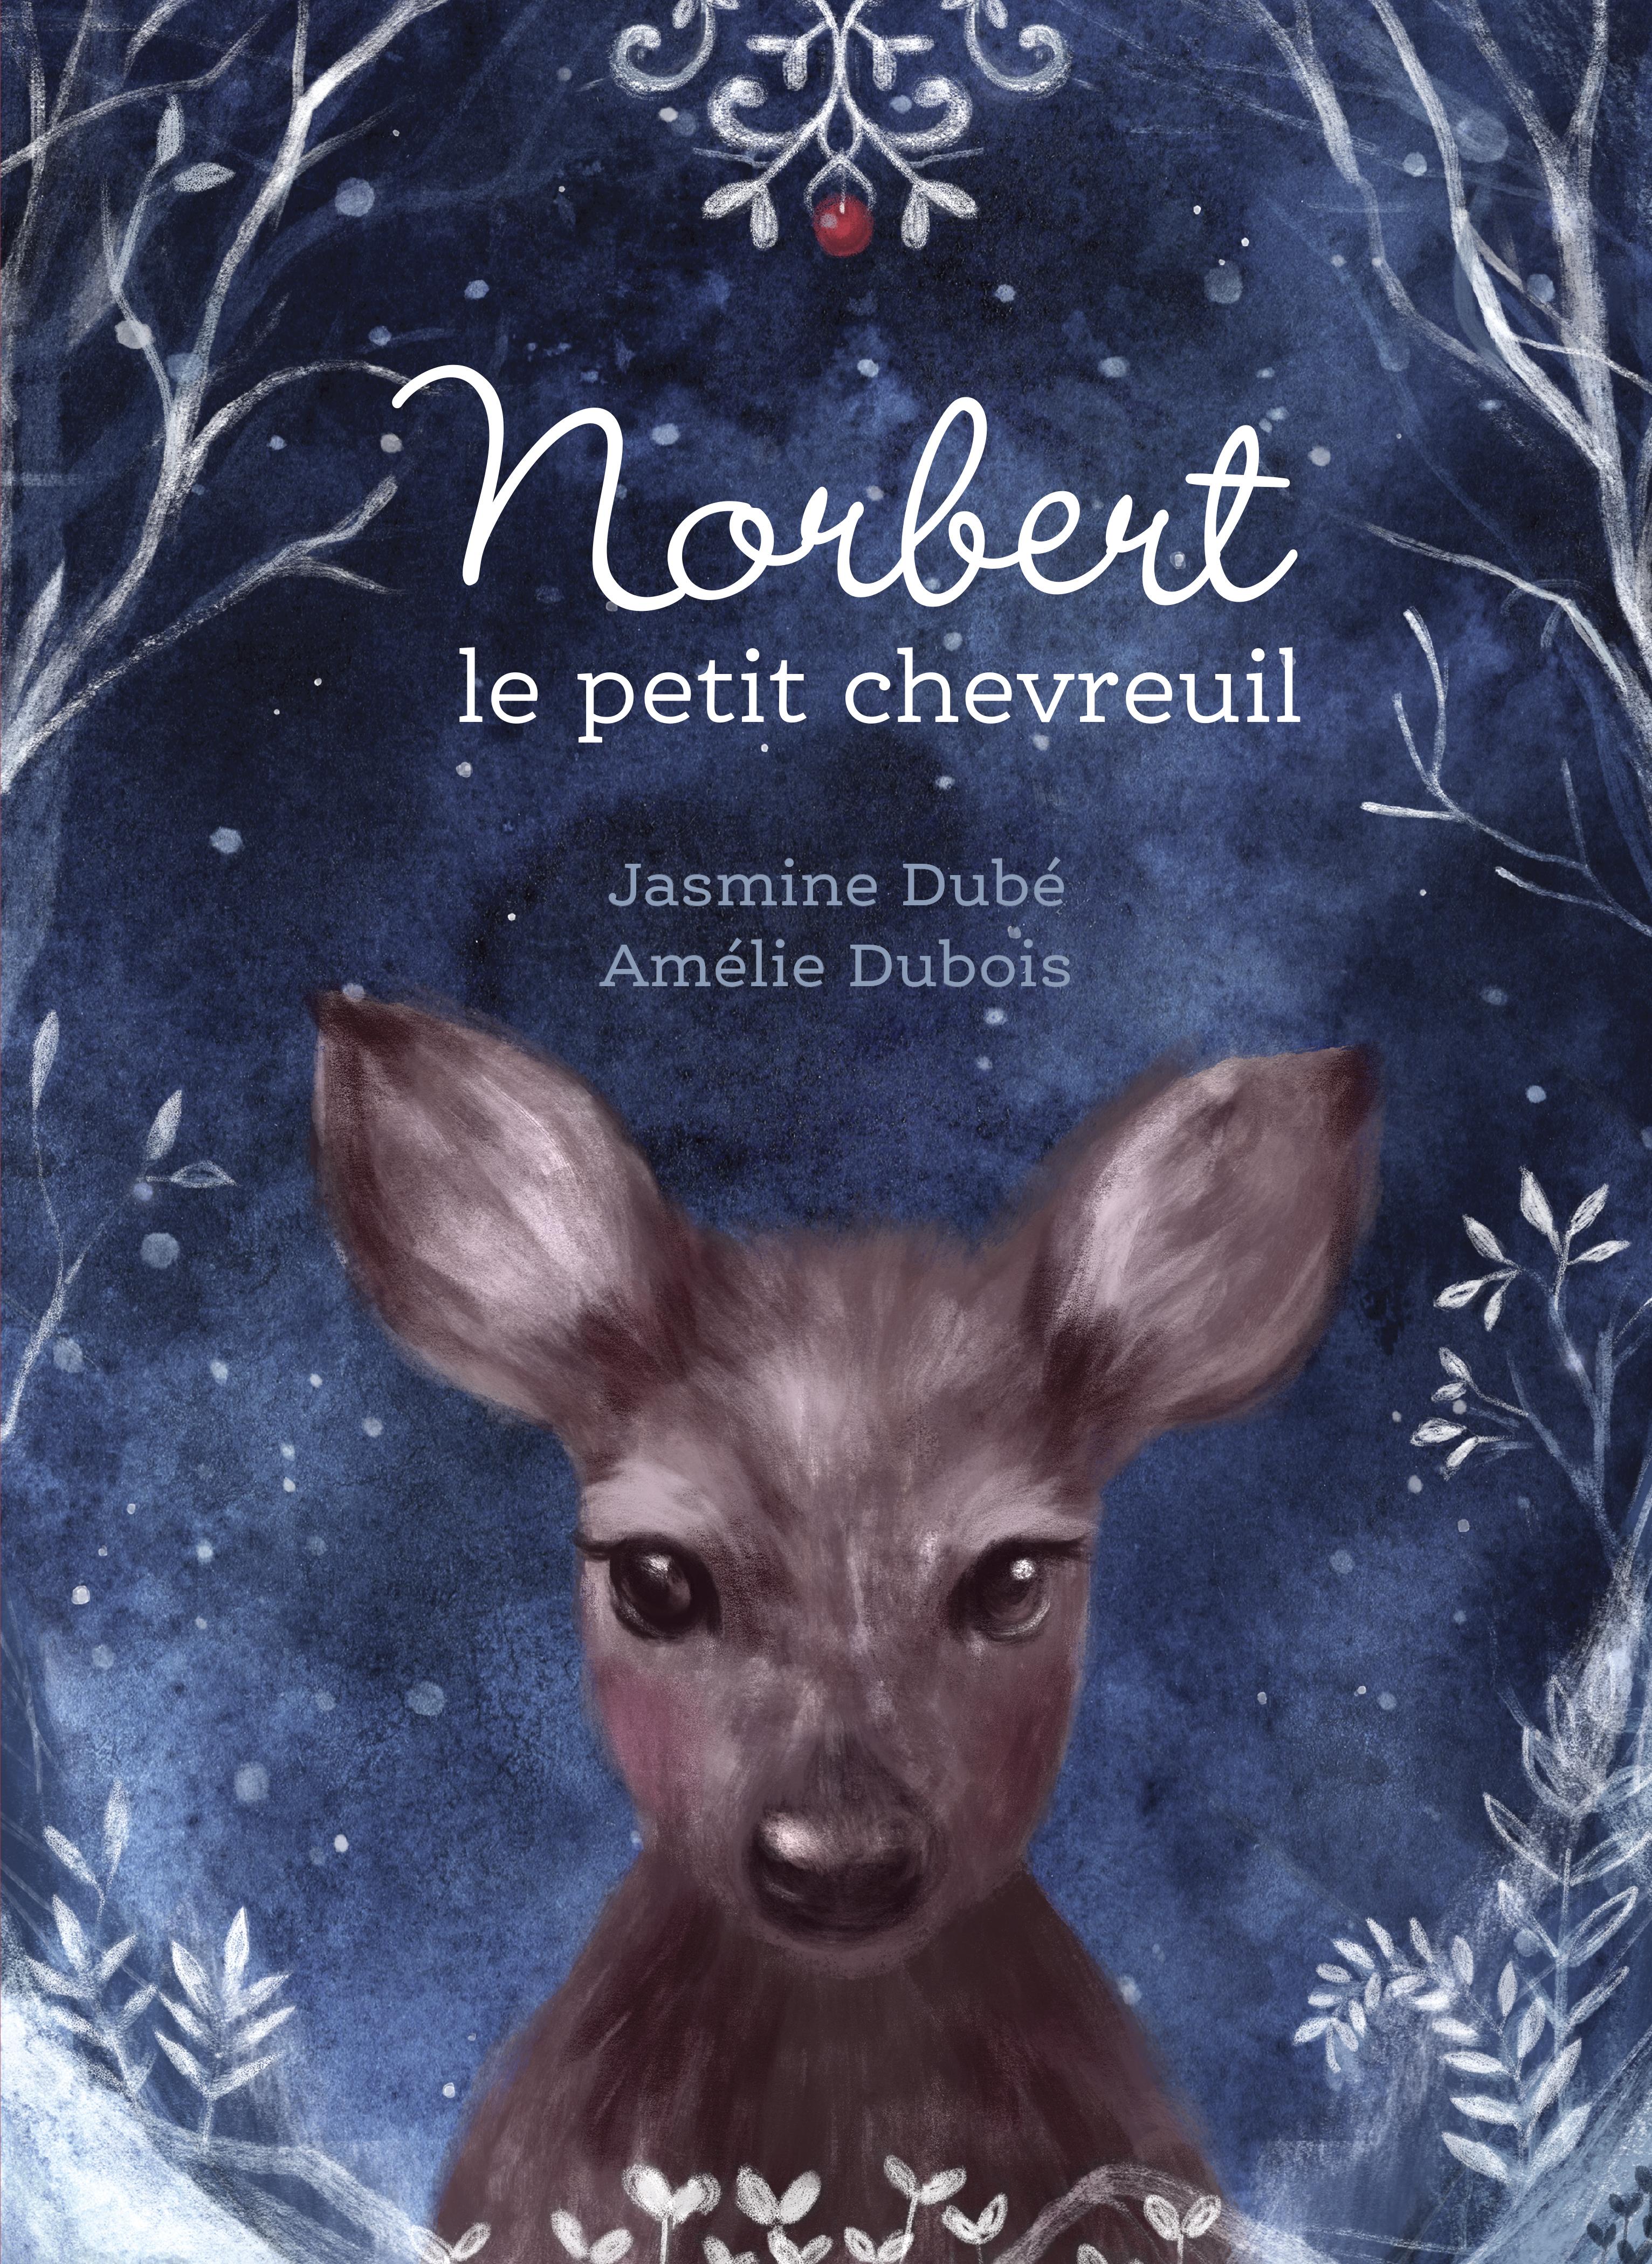 Norbert, le petit chevreuil